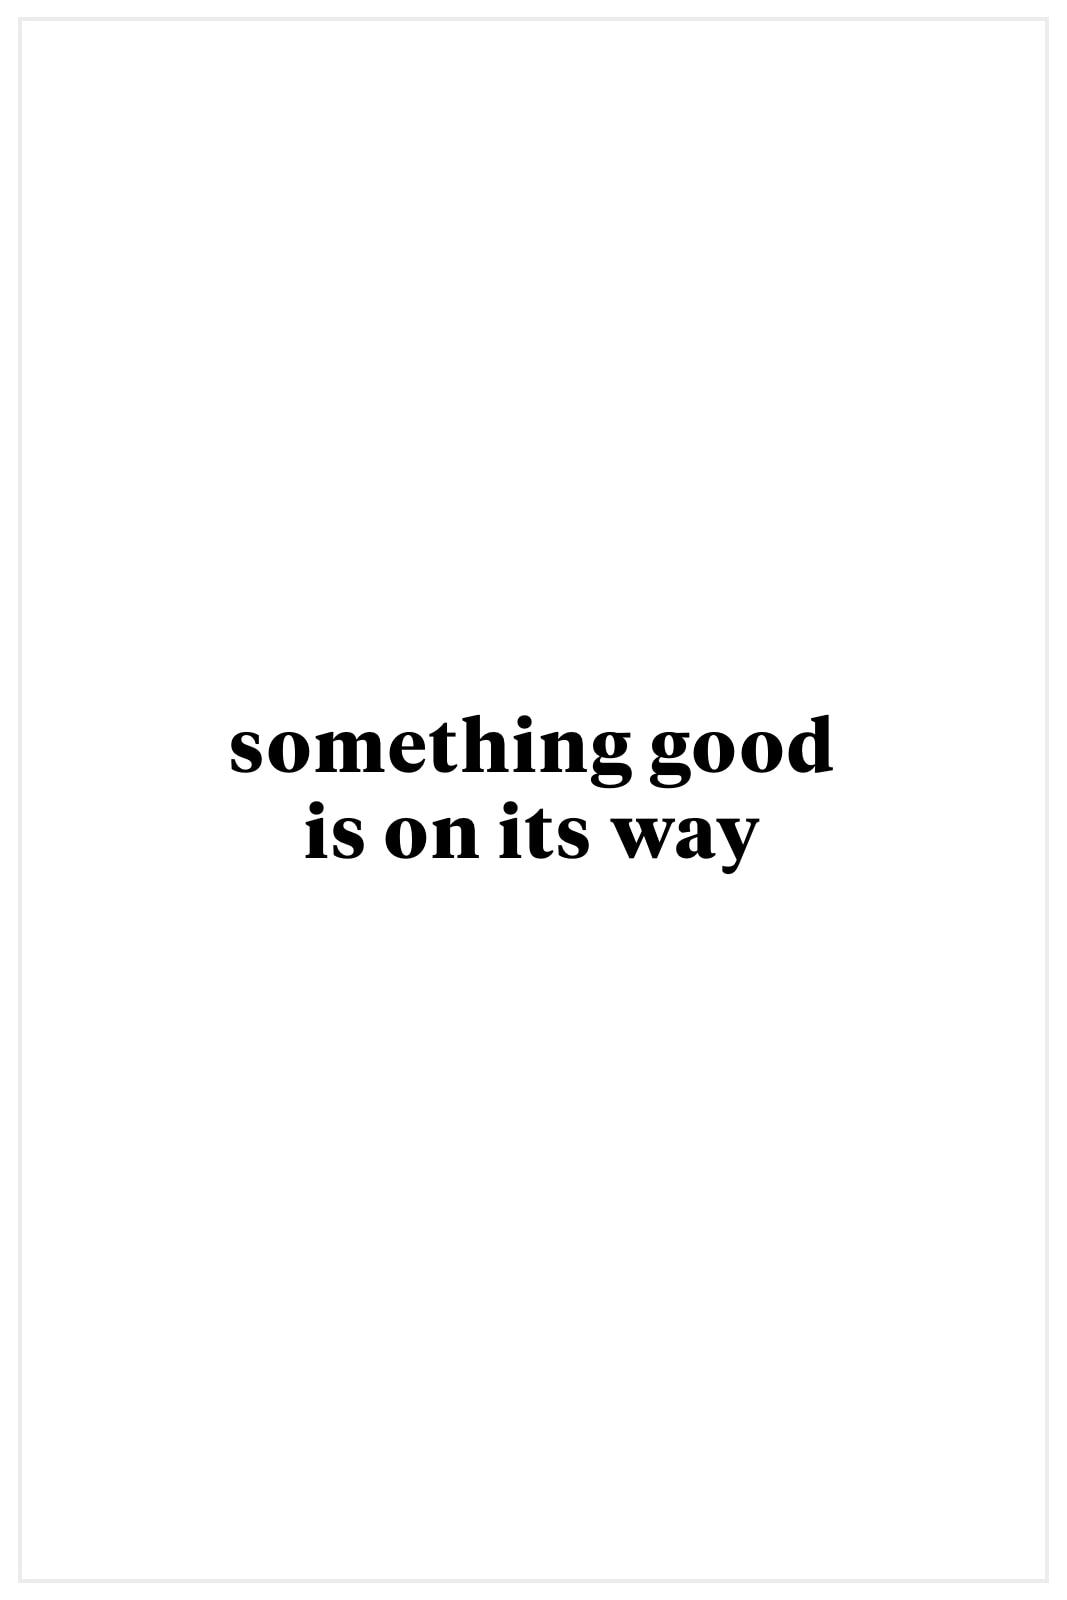 Peyton jensen Rebecca Ruched Dress